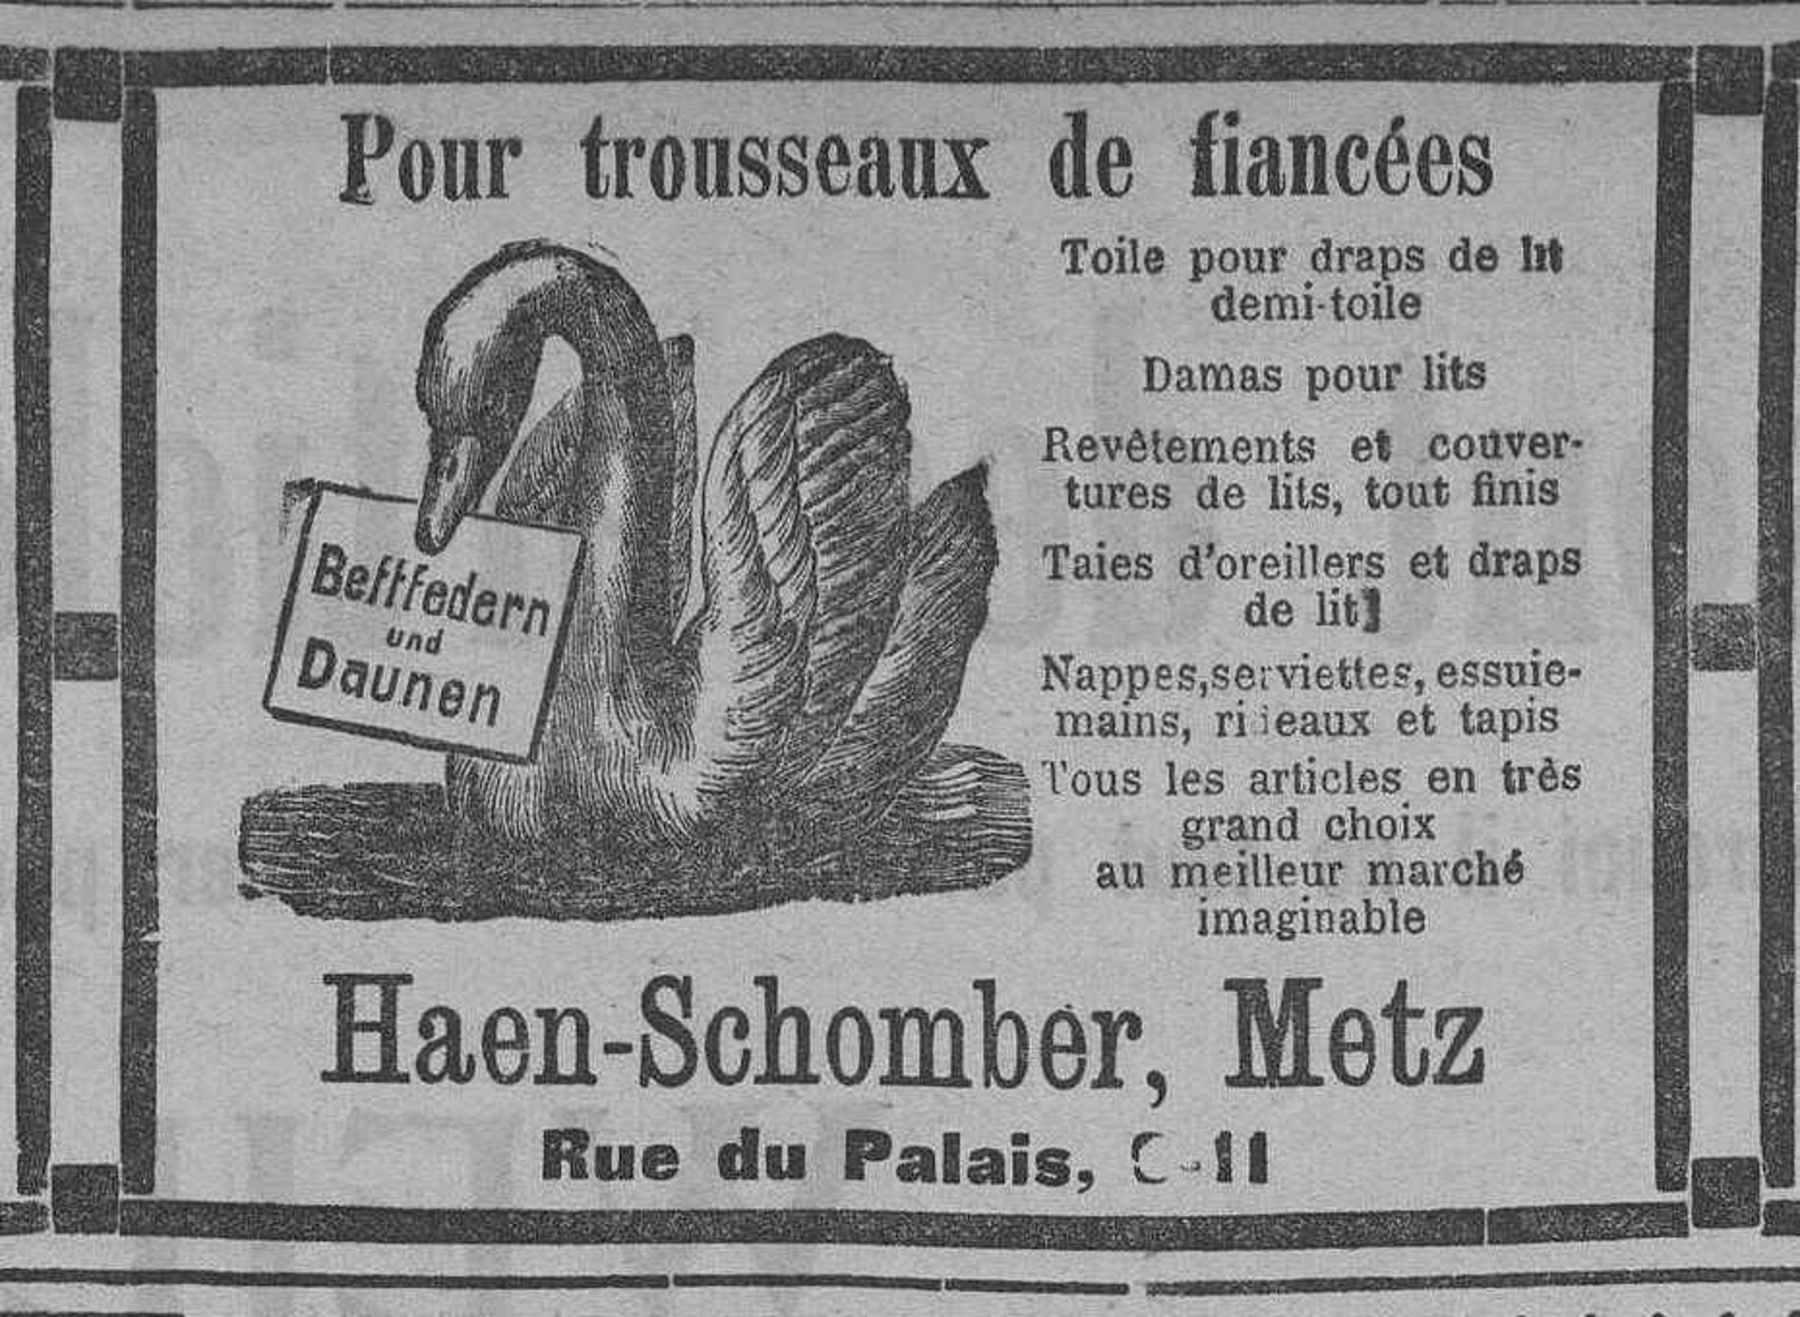 Contenu du Haen-Schomber. Trousseaux de fiancées